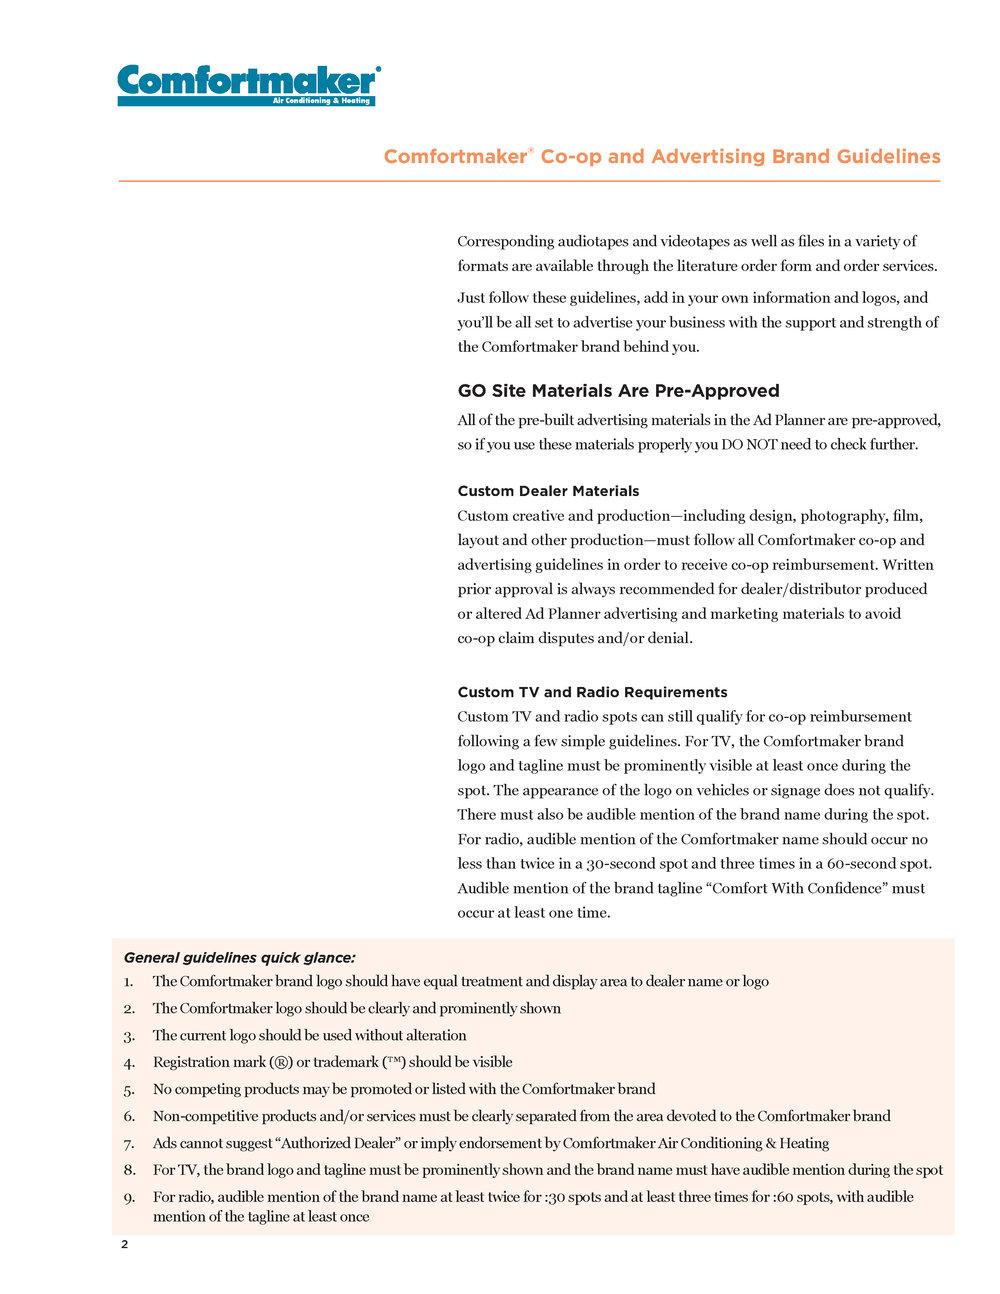 Comfortmaker_Page_2.jpg